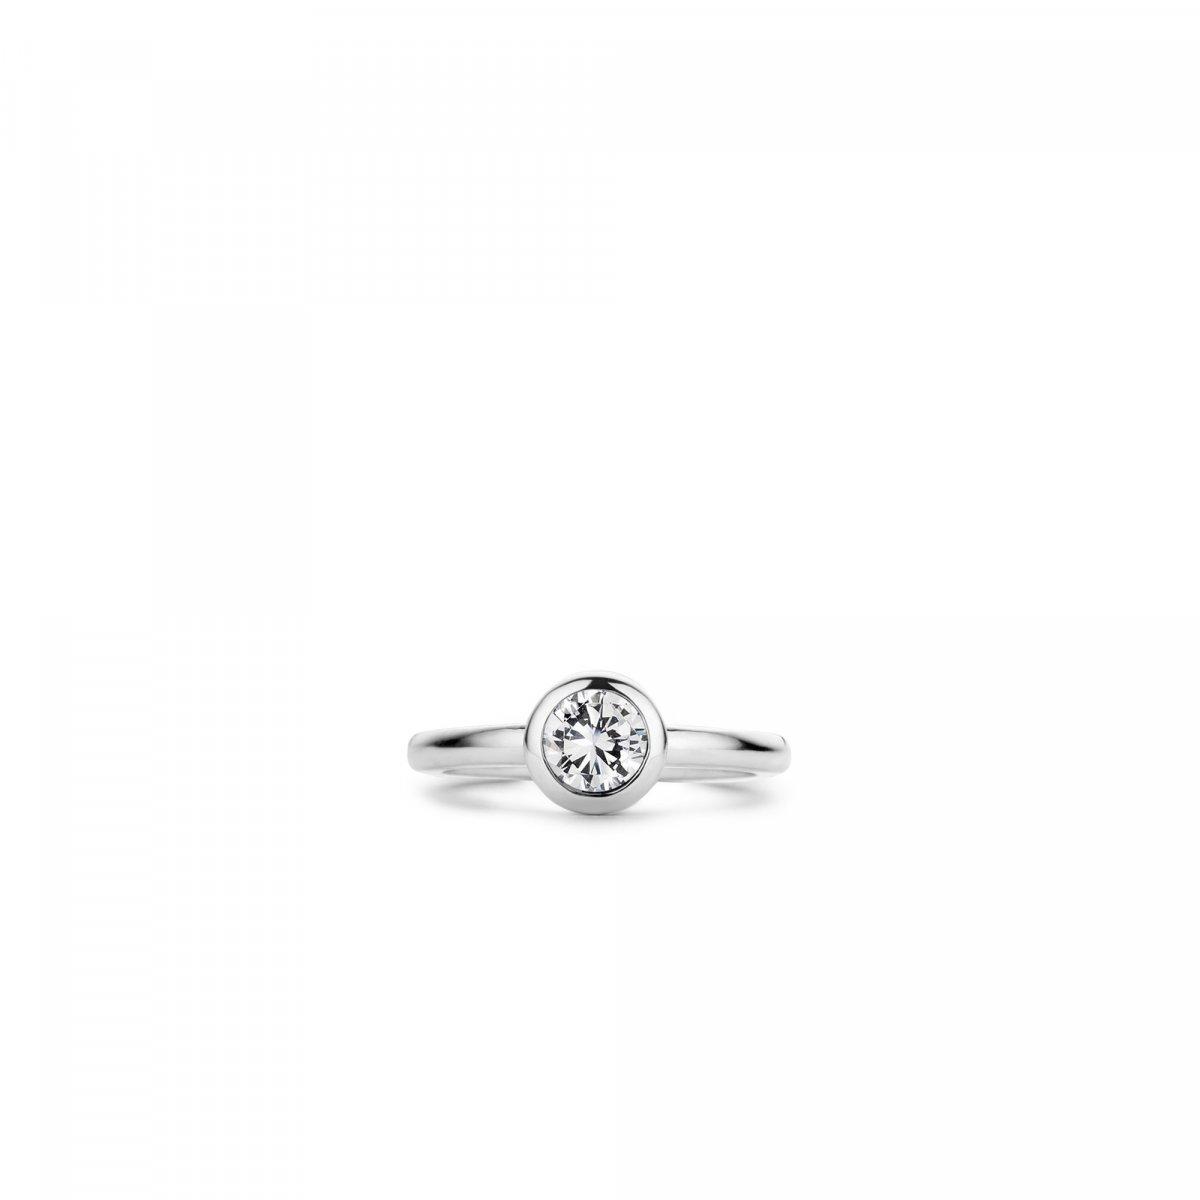 Strieborný prsteň TI SENTO s čírym zirkónom